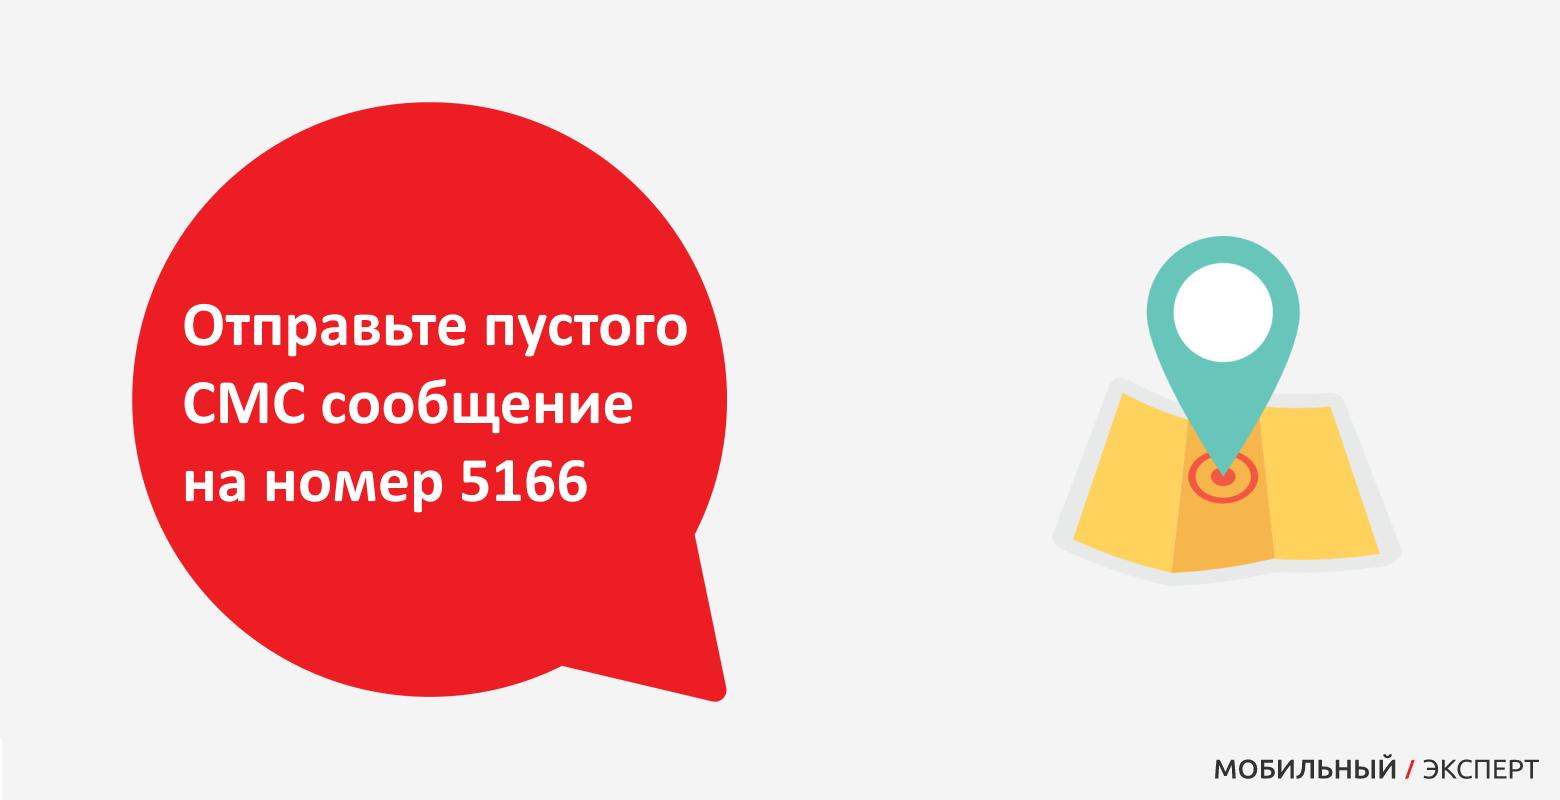 Отправьте пустого СМС сообщение на номер 5166